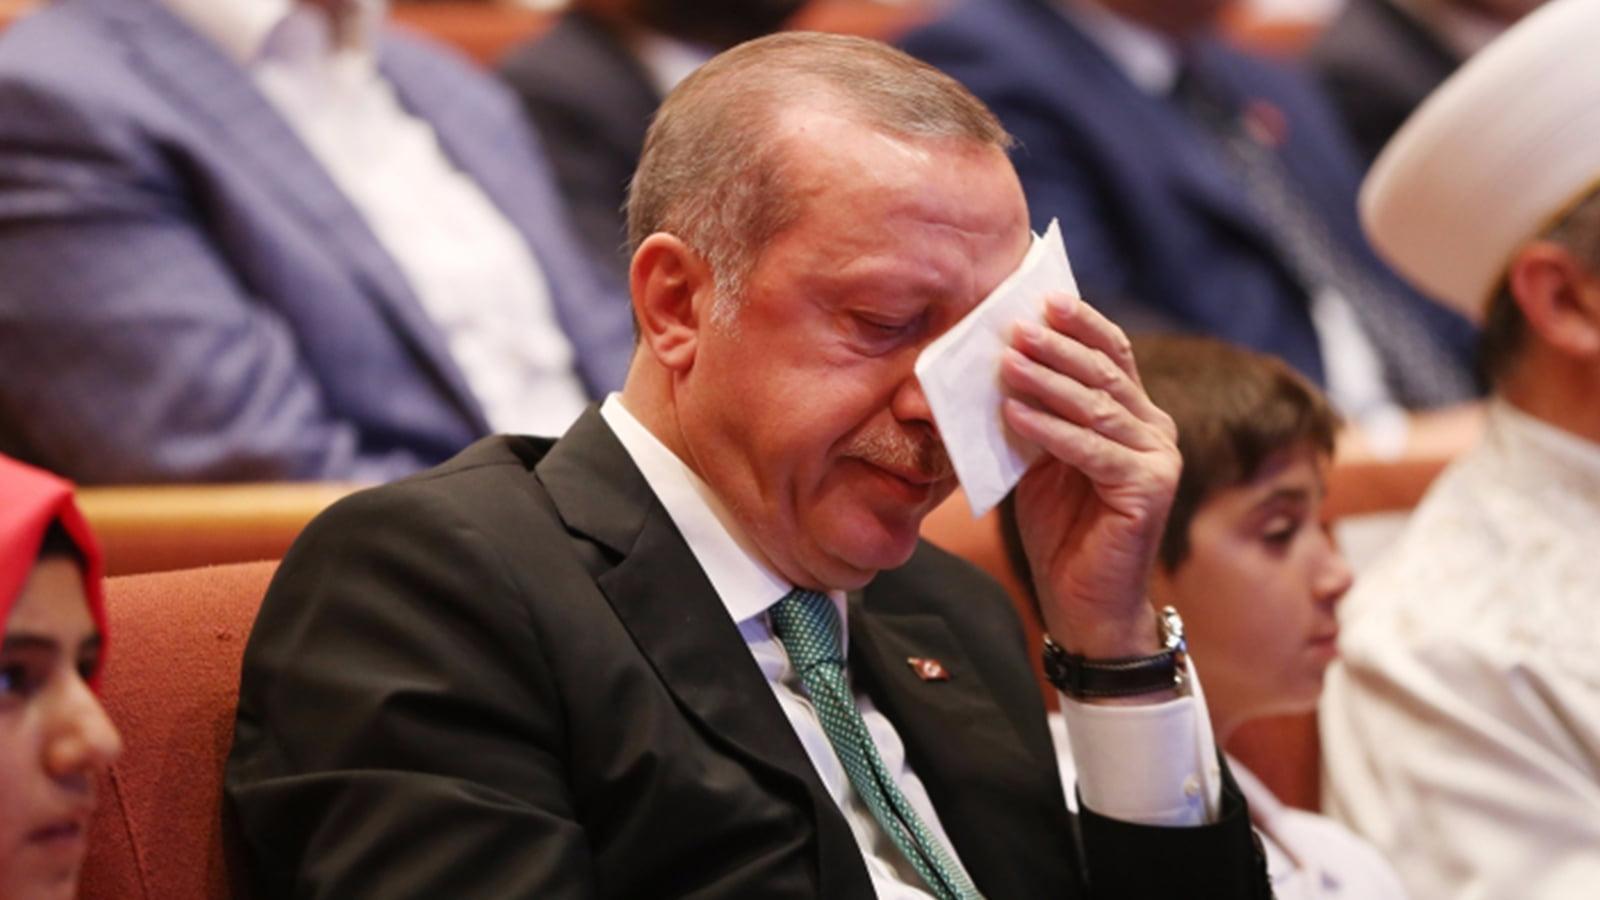 Ο χρόνος του Ερντογάν λιγοστεύει αλλά ο κίνδυνος για τον Ελληνισμό μεγαλώνει